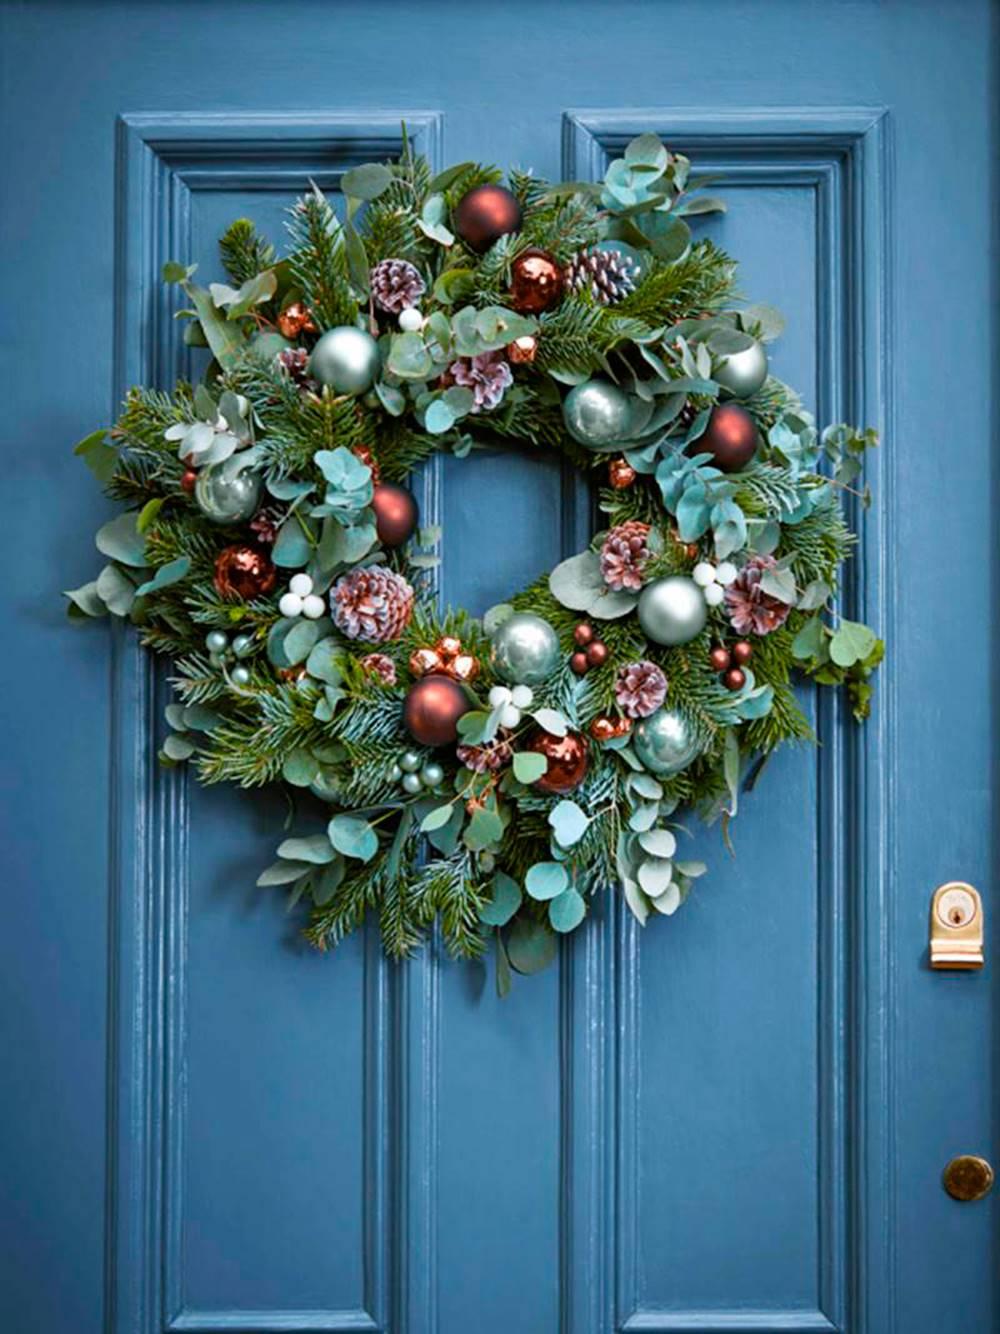 Comment décorer la porte de Noël